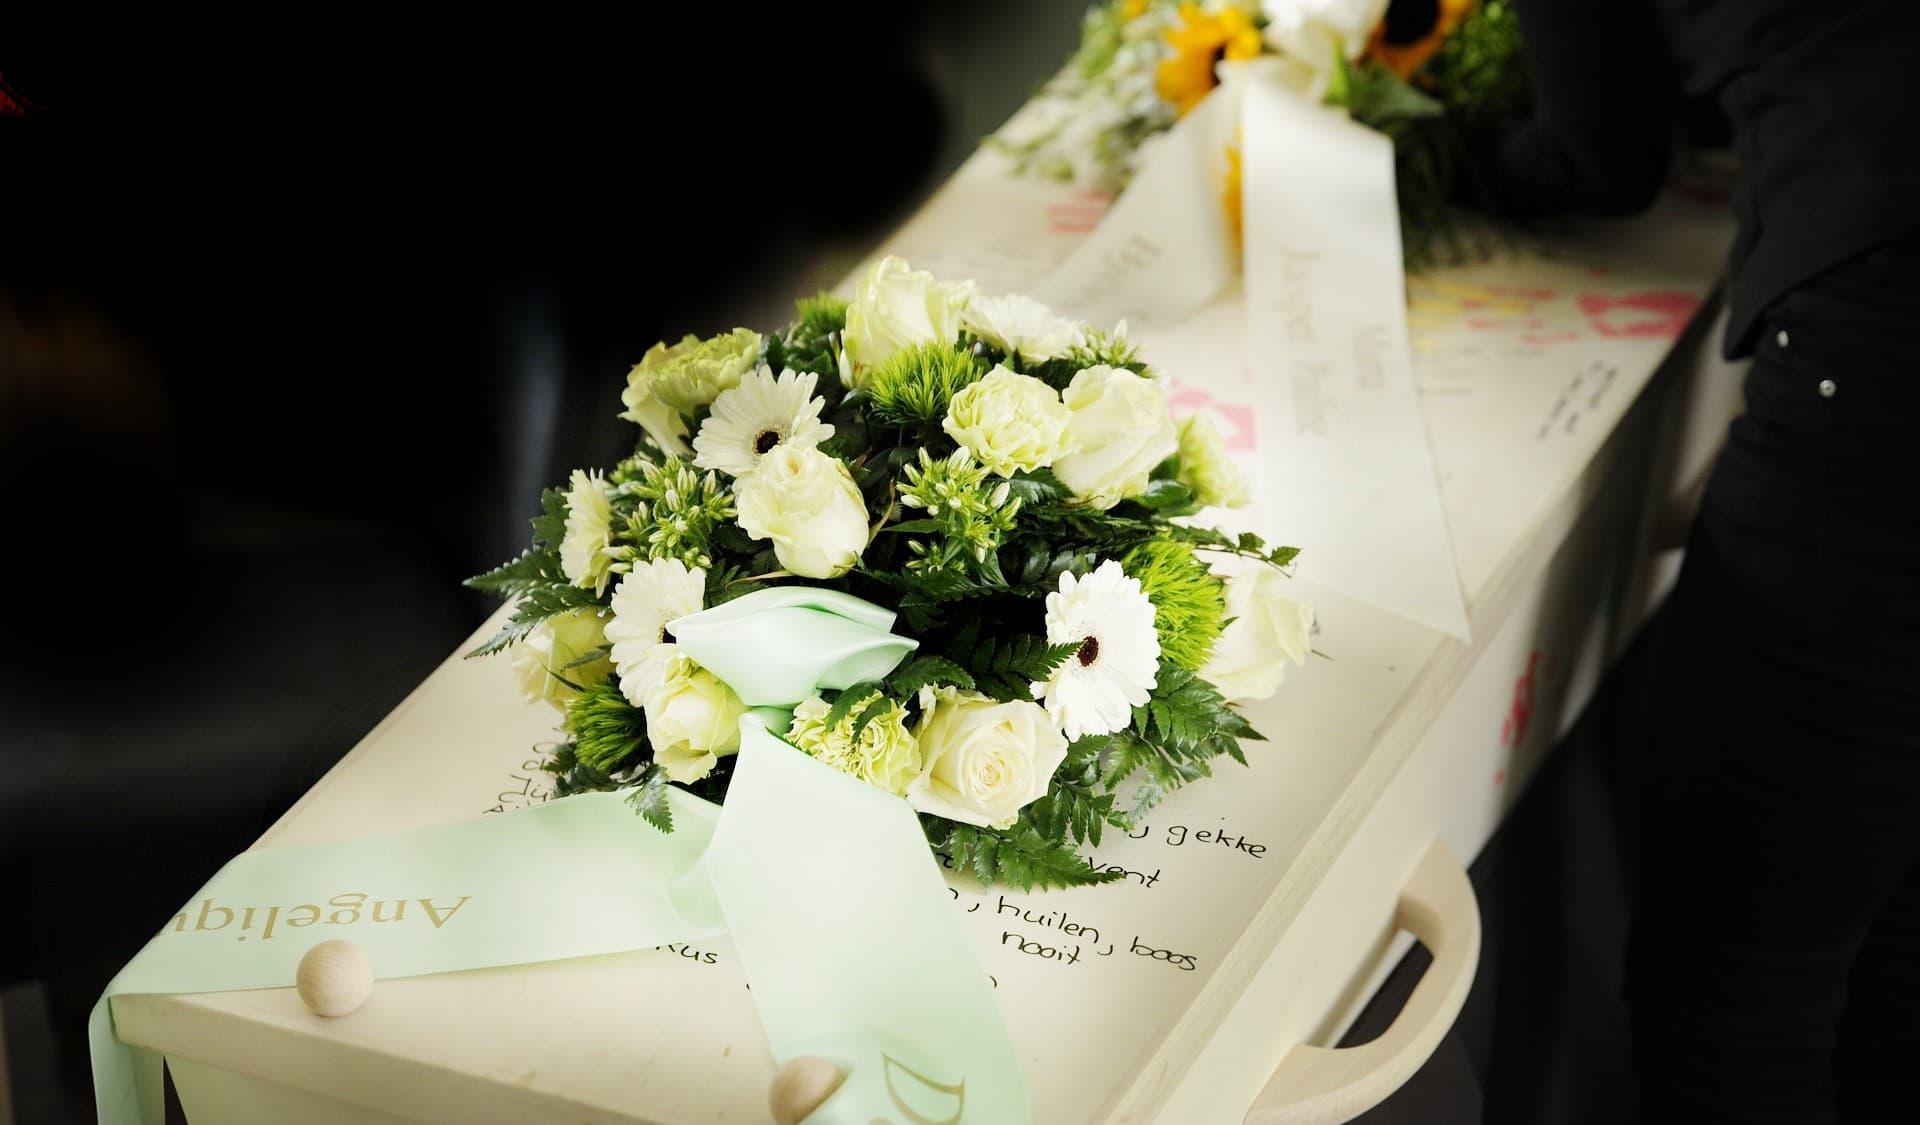 wiazanka natrumne 1 - Co napisać naszarfie pogrzebowej?